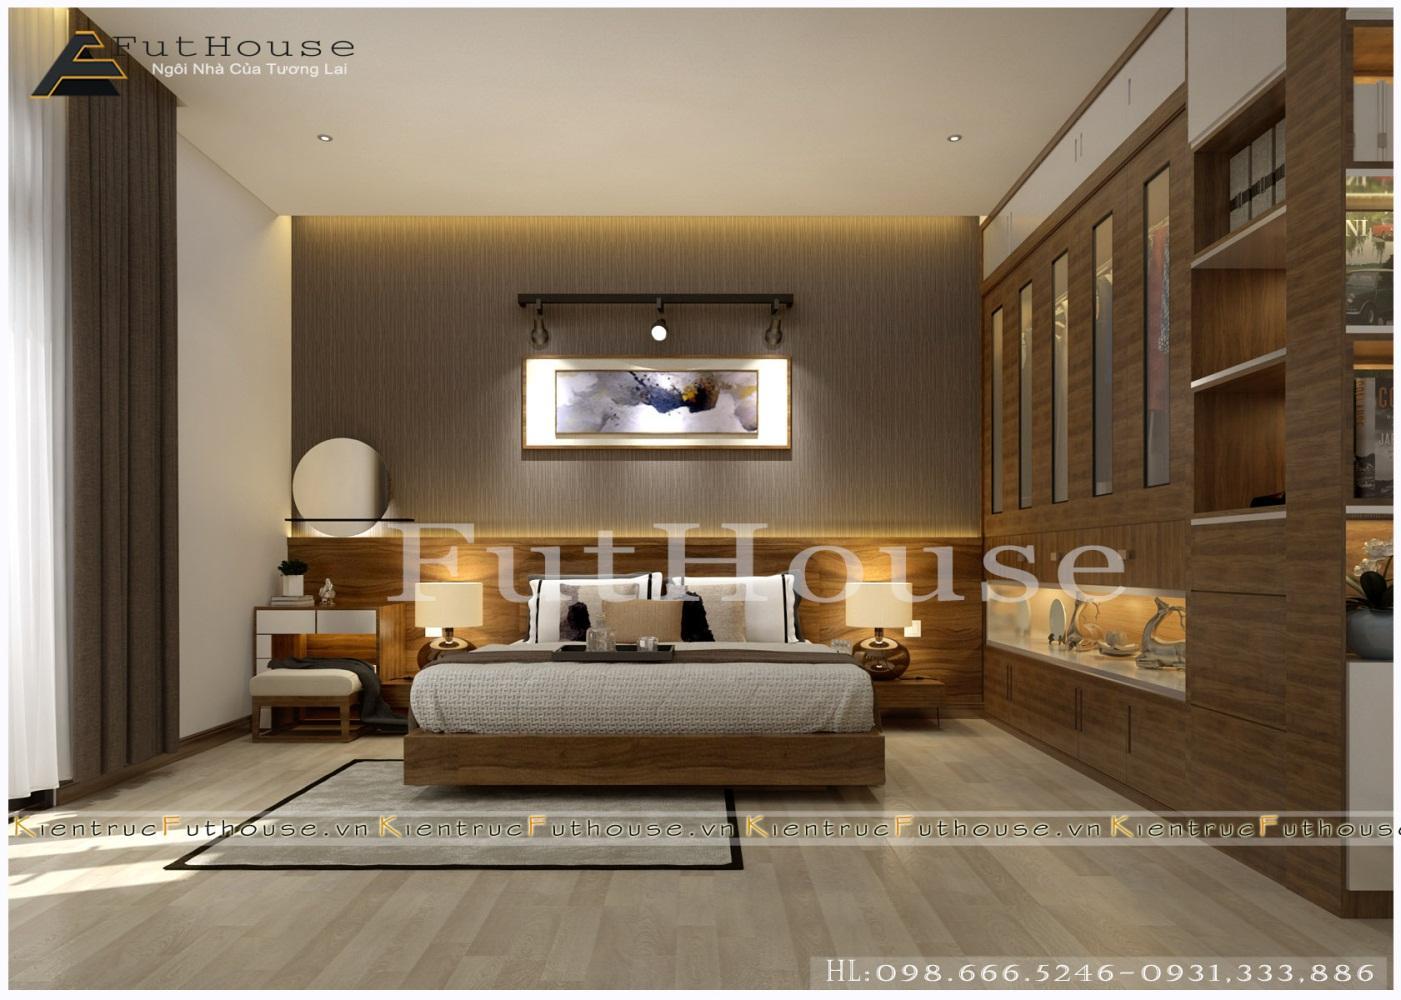 Không gian phòng ngủ với tông màu nâu trầm cao cấp